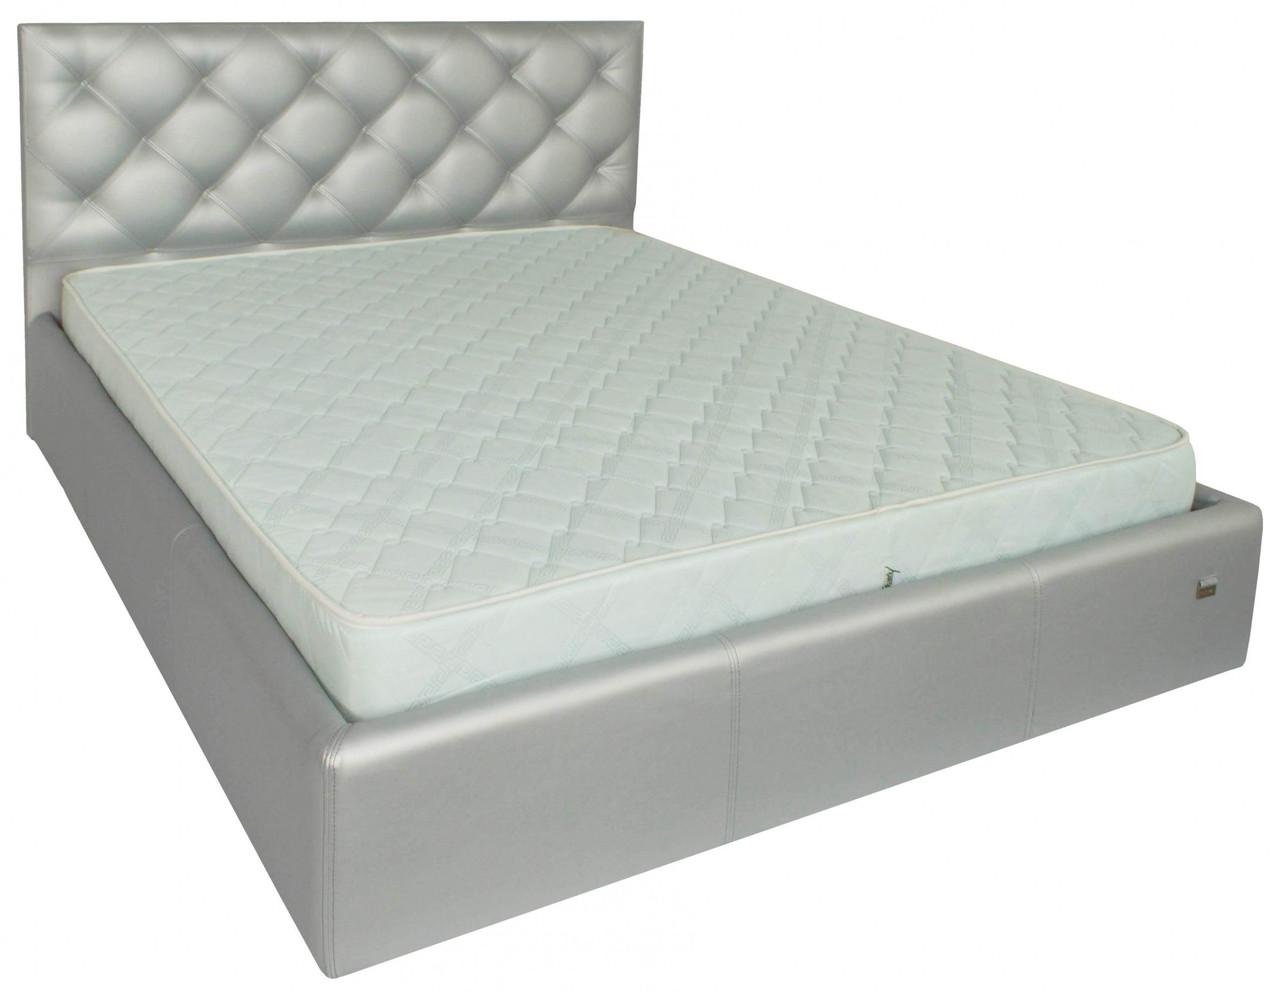 Кровать Bristol VIP 120 х 200 см Zeus Deluxe Silver С дополнительной металлической цельносварной рамой